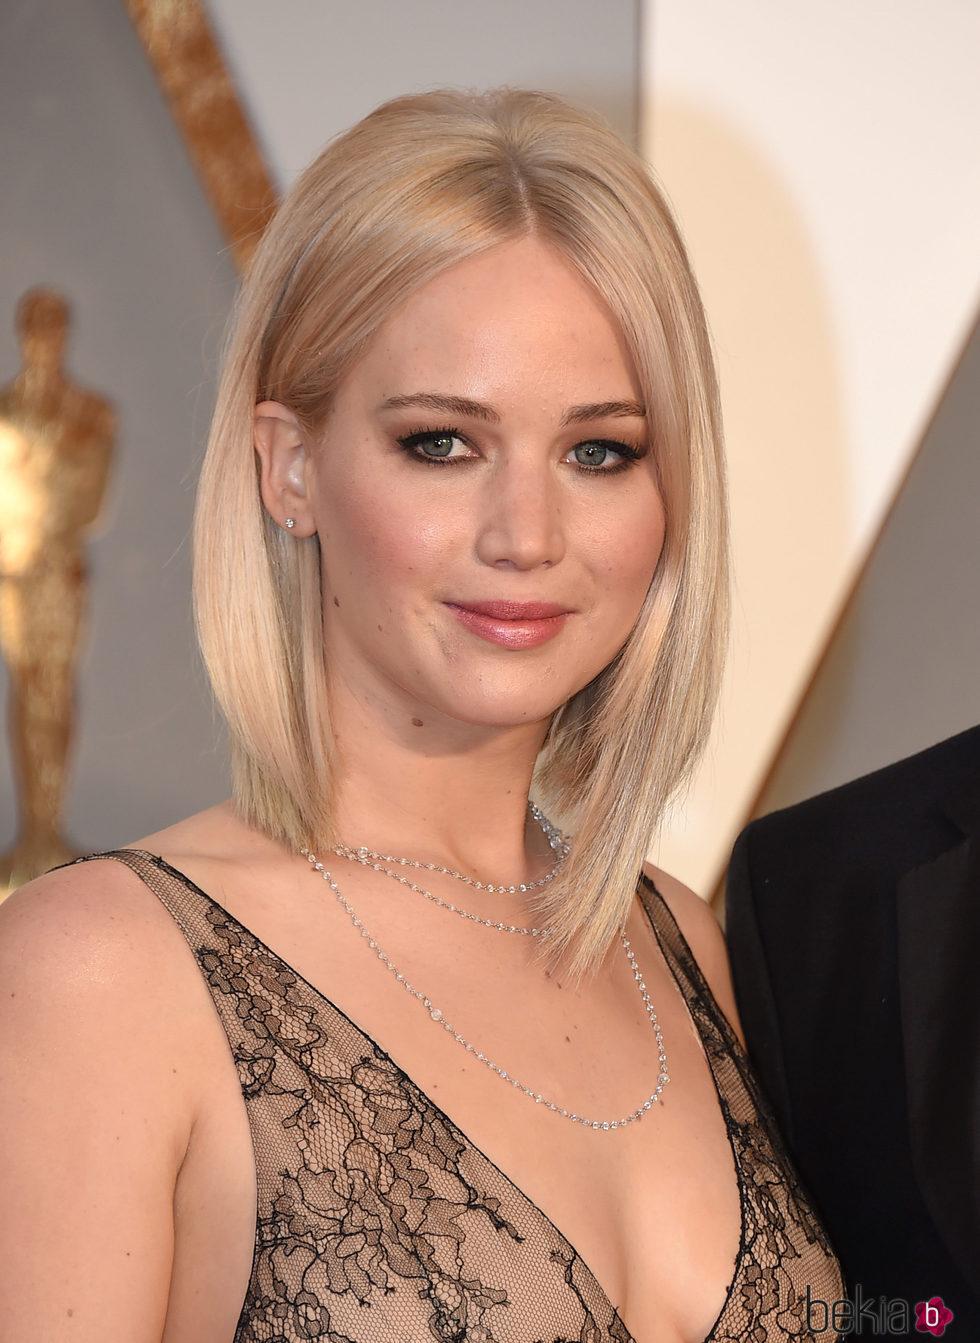 Jennifer Lawrence Con Pelo Corto Y Liso Los Mejores Peinados De - Peinados-pelo-corto-liso